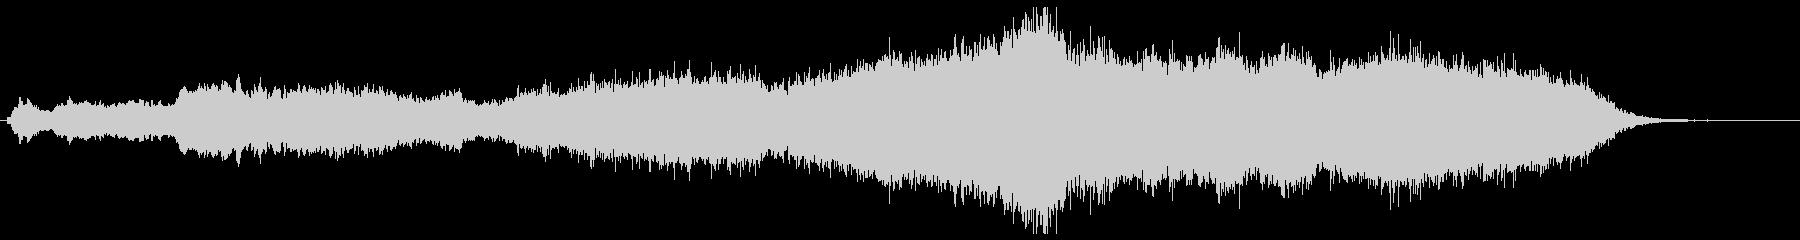 エピックなオーケストラ 分割01の未再生の波形